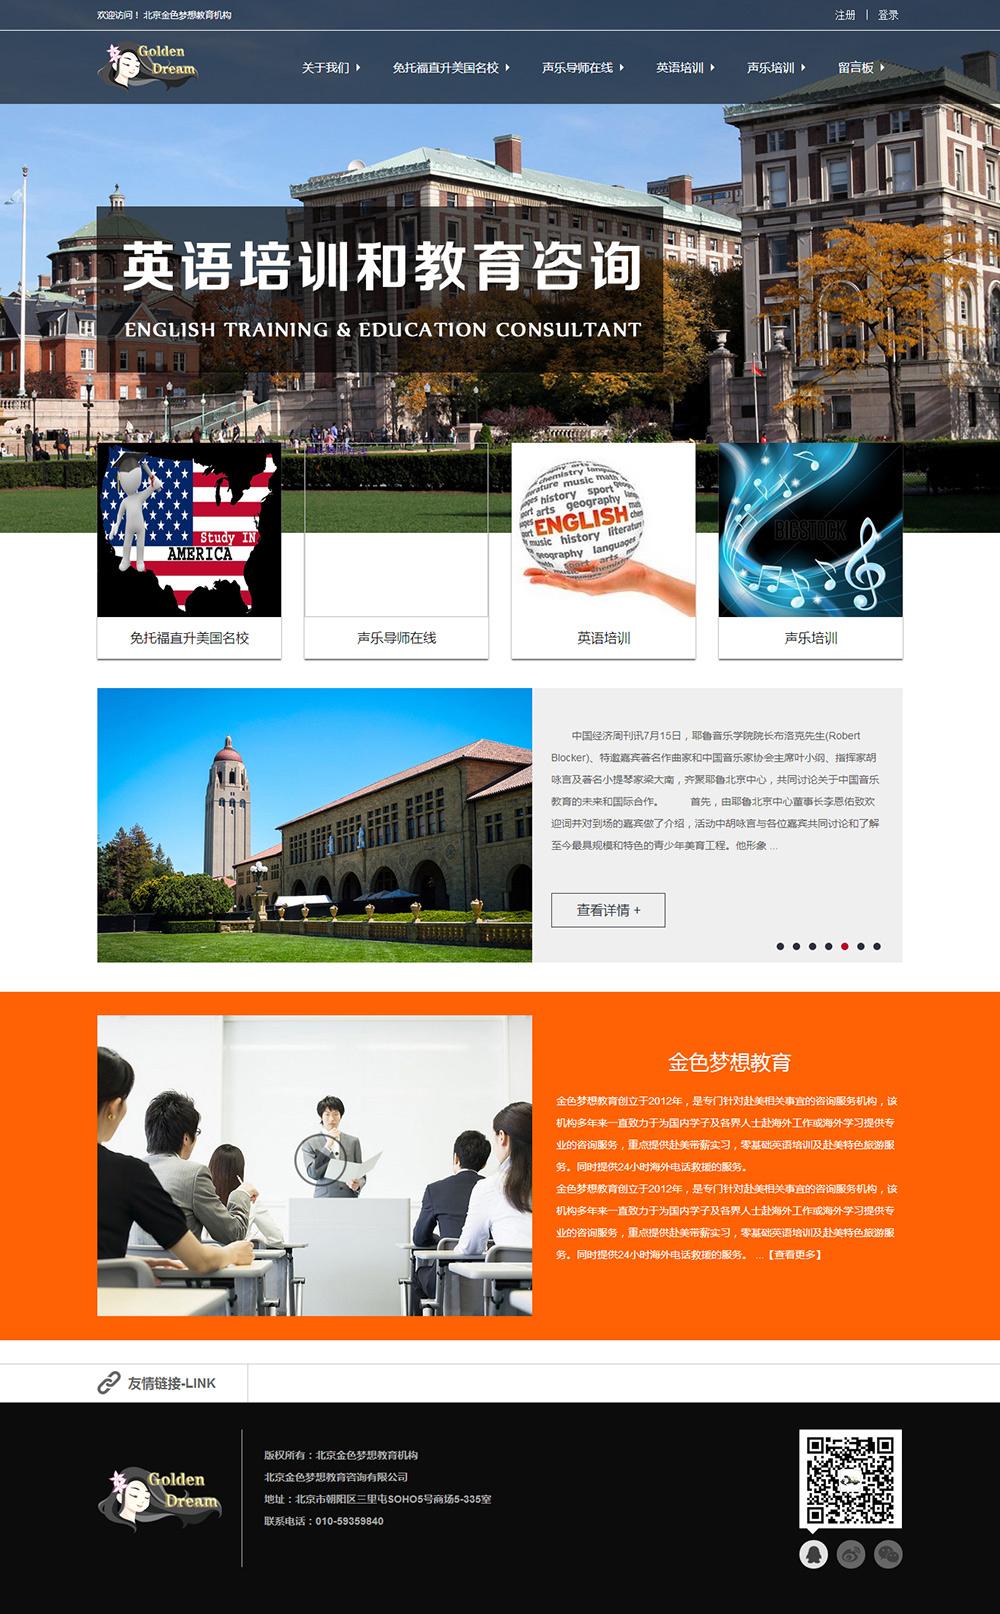 教育机构-案例